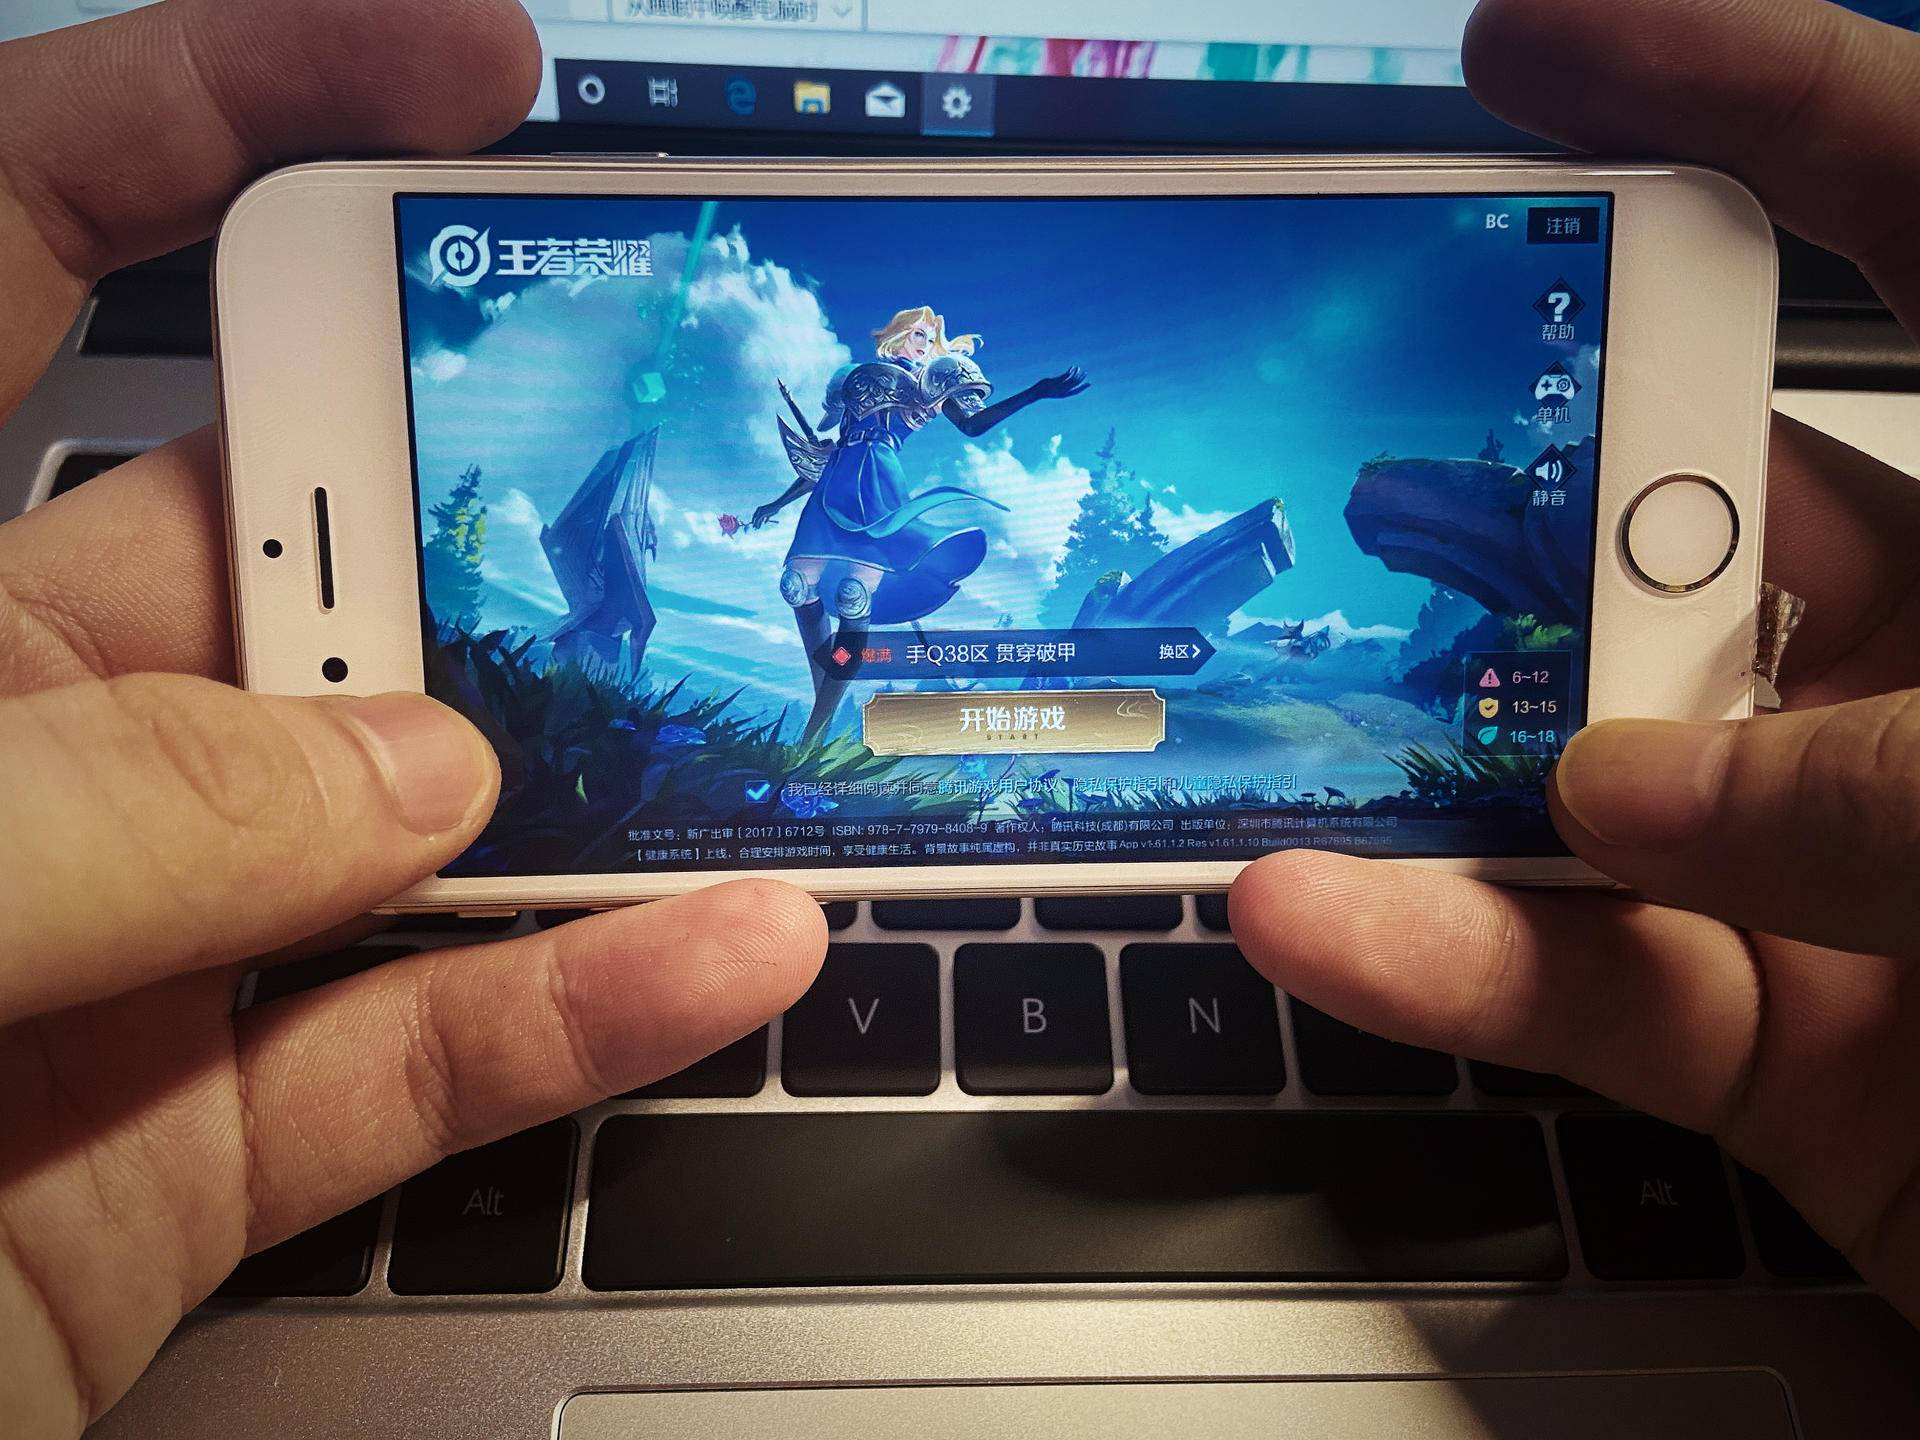 冒险王精灵_被iOS14抛弃的iPhone6:真的已经淘汰了吗?-第4张图片-游戏摸鱼怪